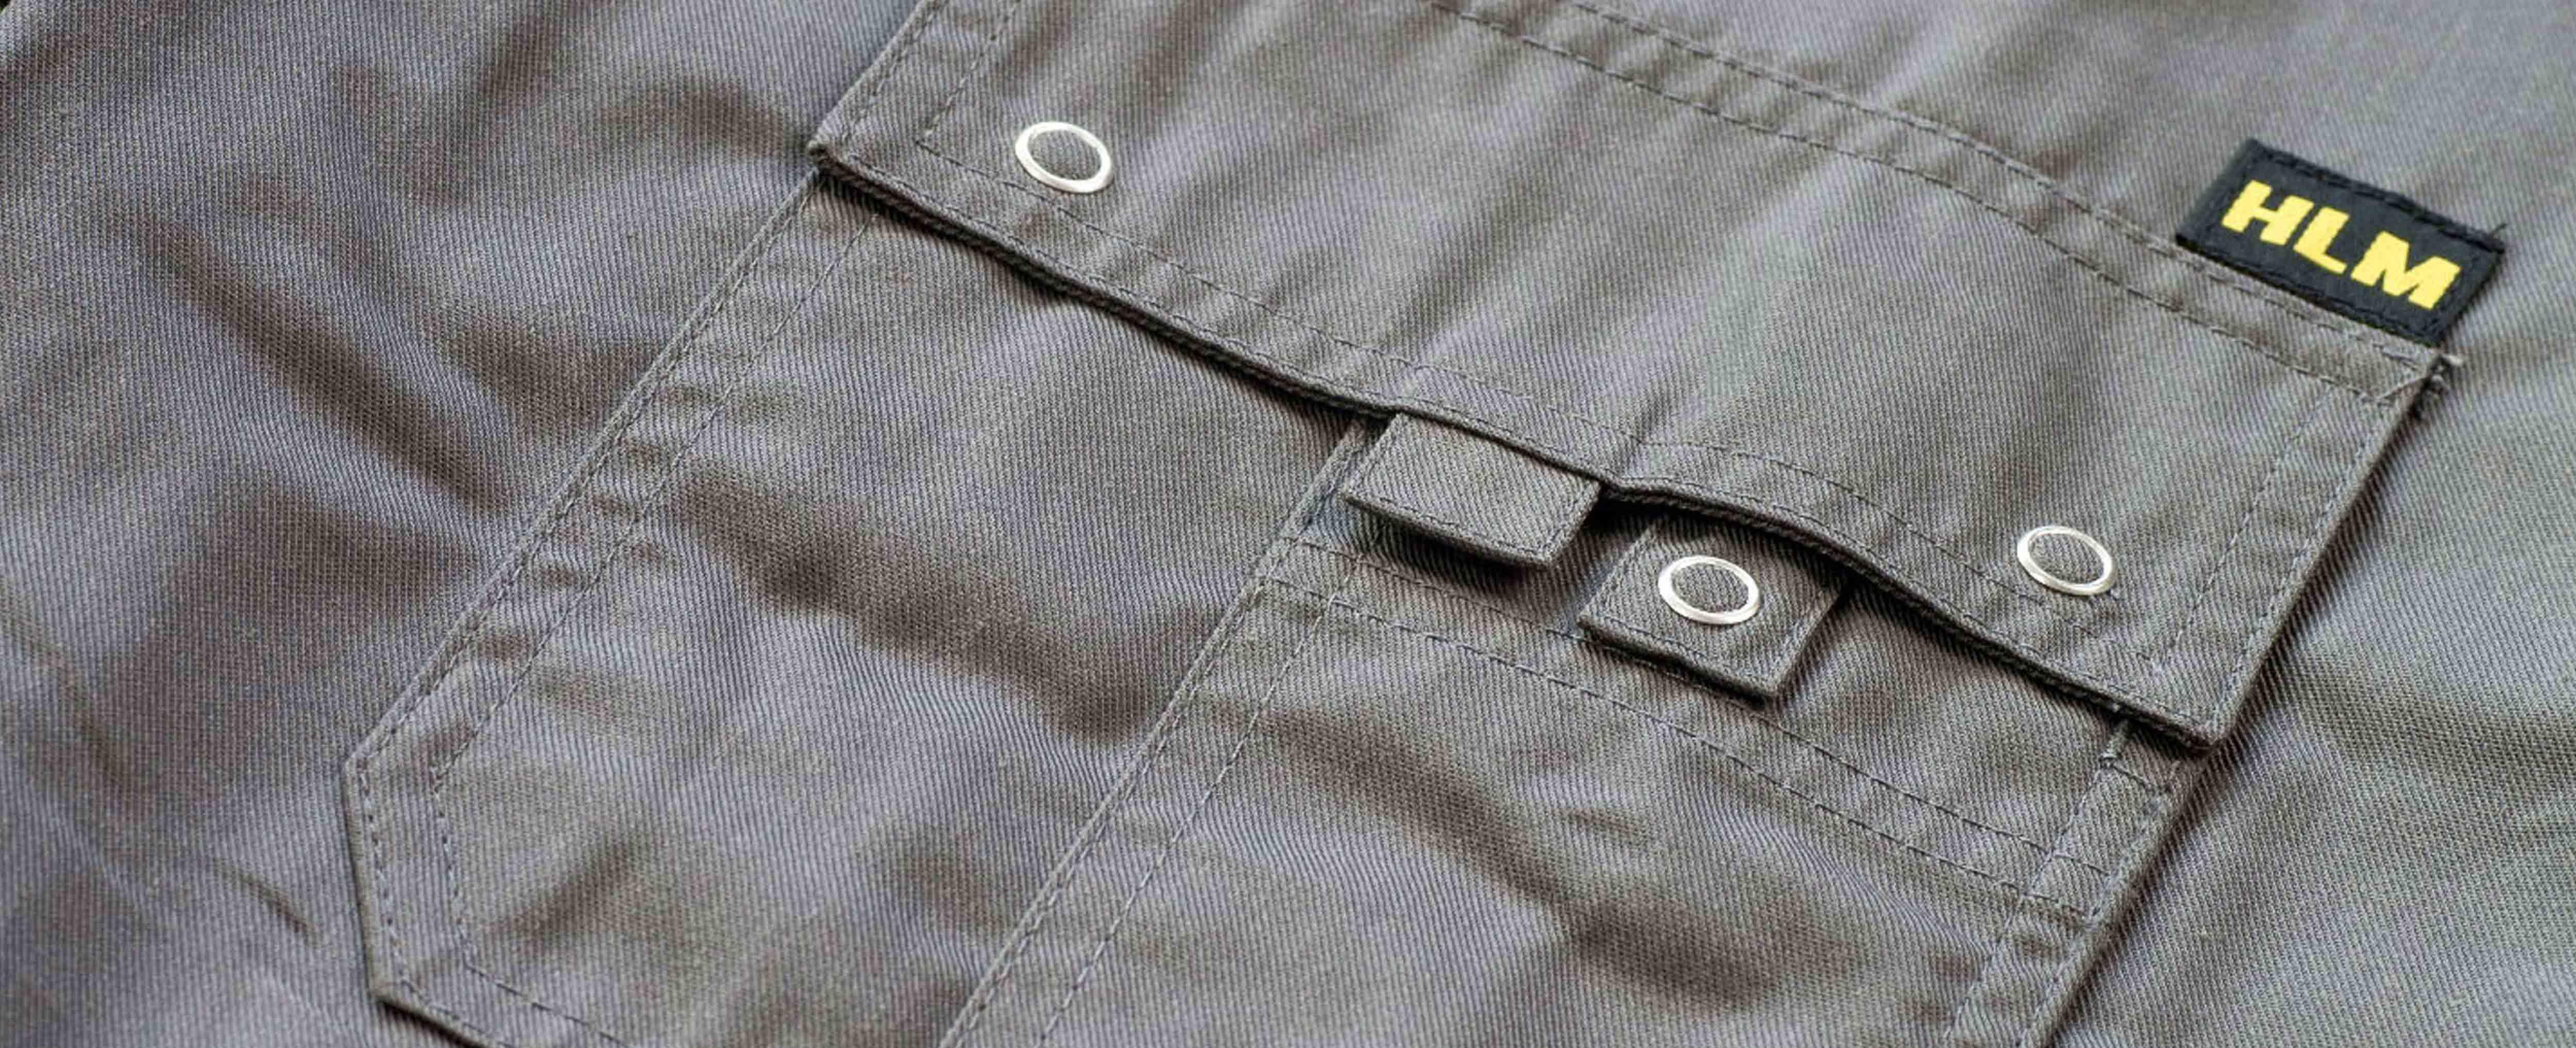 hlmbedrijfskleding -  Voorpag - Big Slider 2